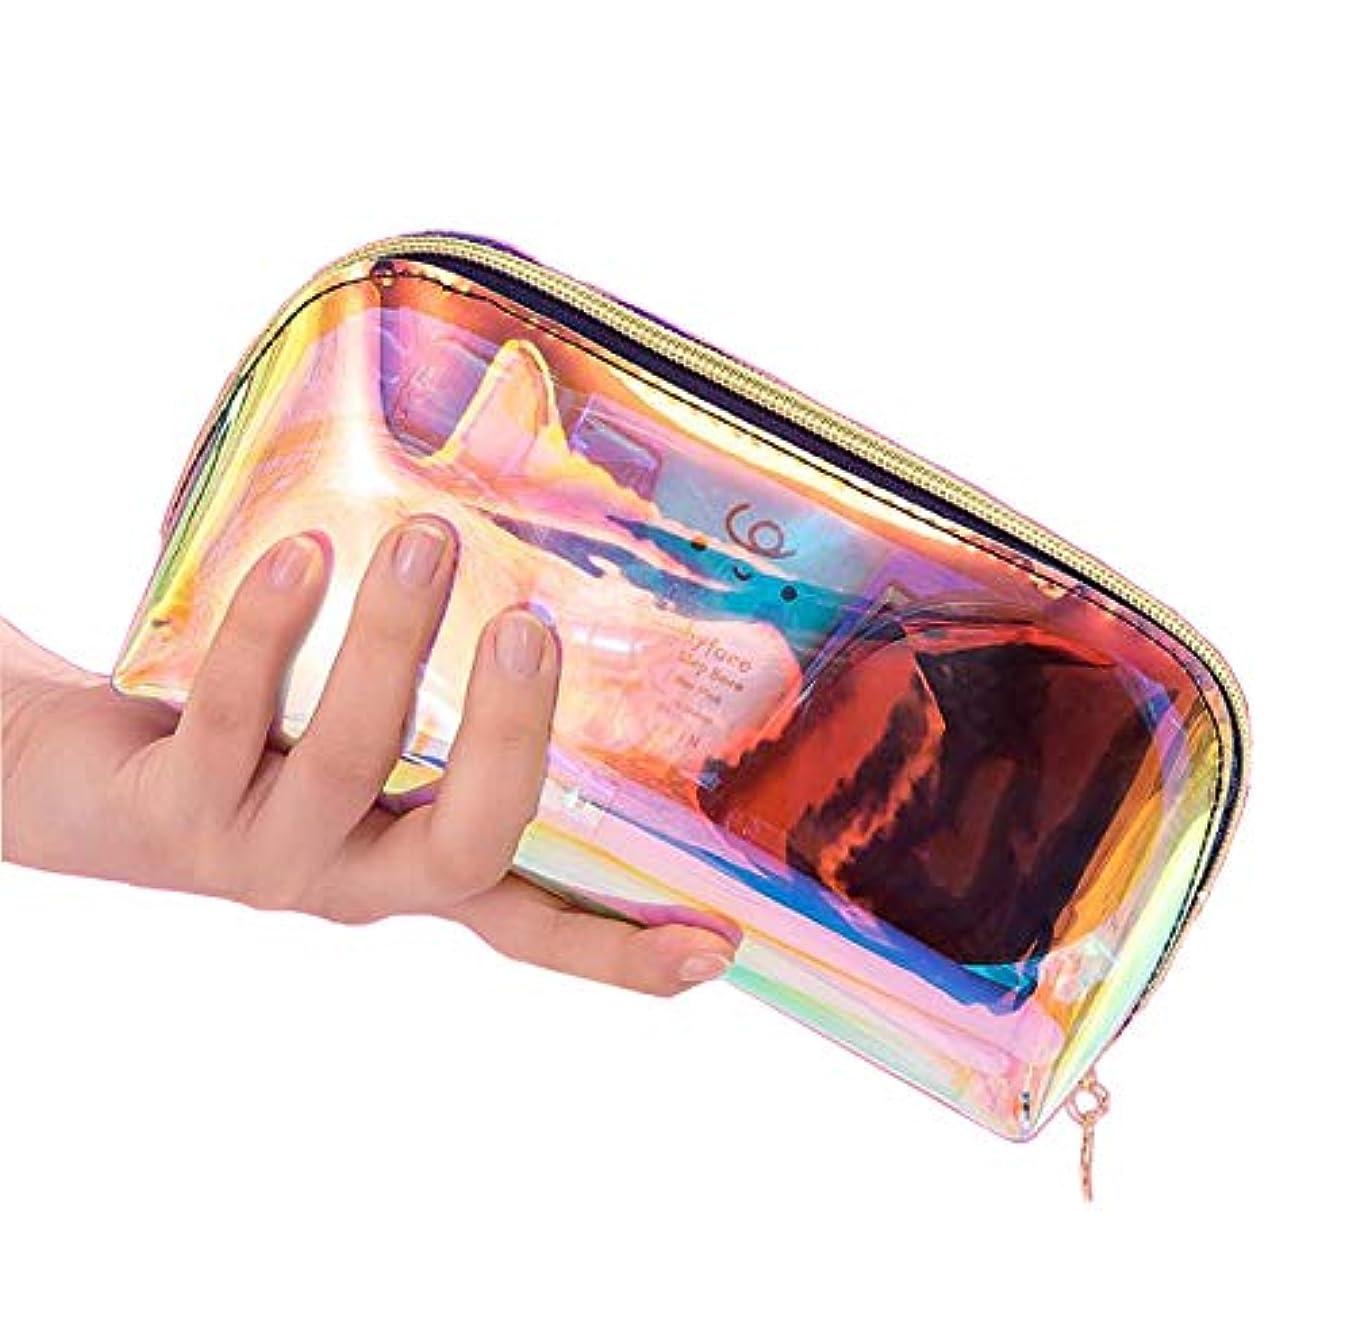 哲学的一貫性のない消化Ranoki 化粧品バッグ 収納防水多彩透明メッシュ温泉、 ビーチサイド旅行、出張、便利、メイク 収納 メイクブラシポーチ化粧品